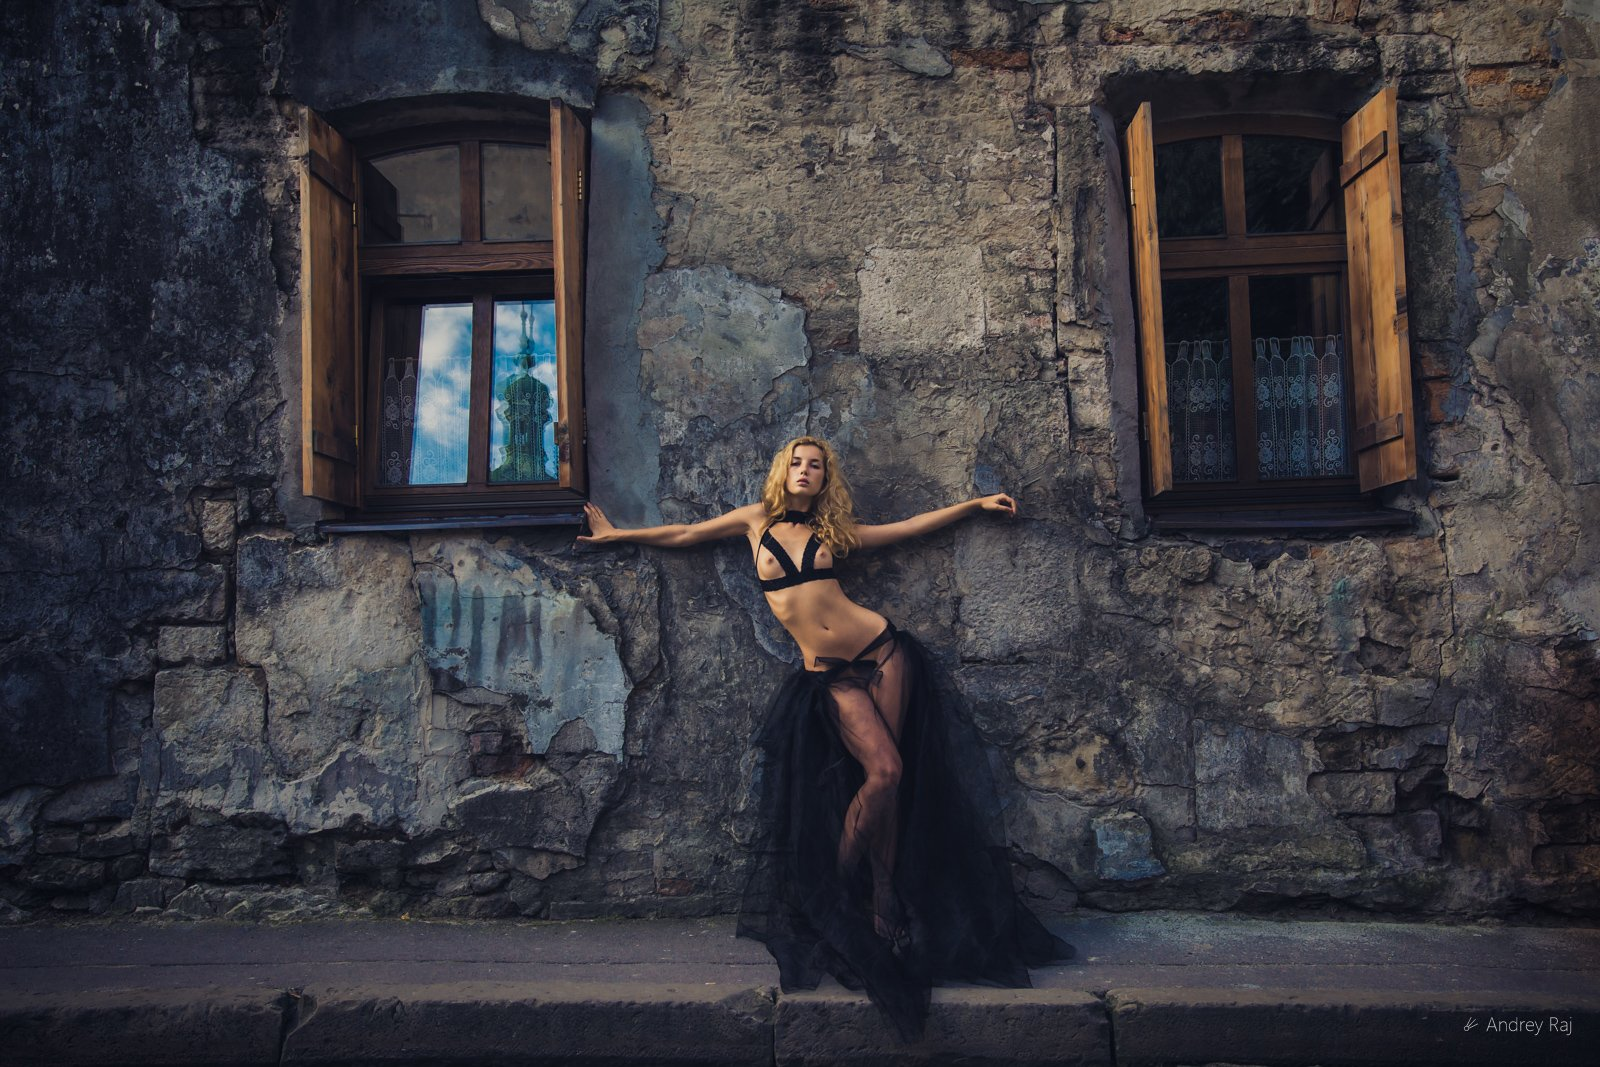 , Andrey Raj